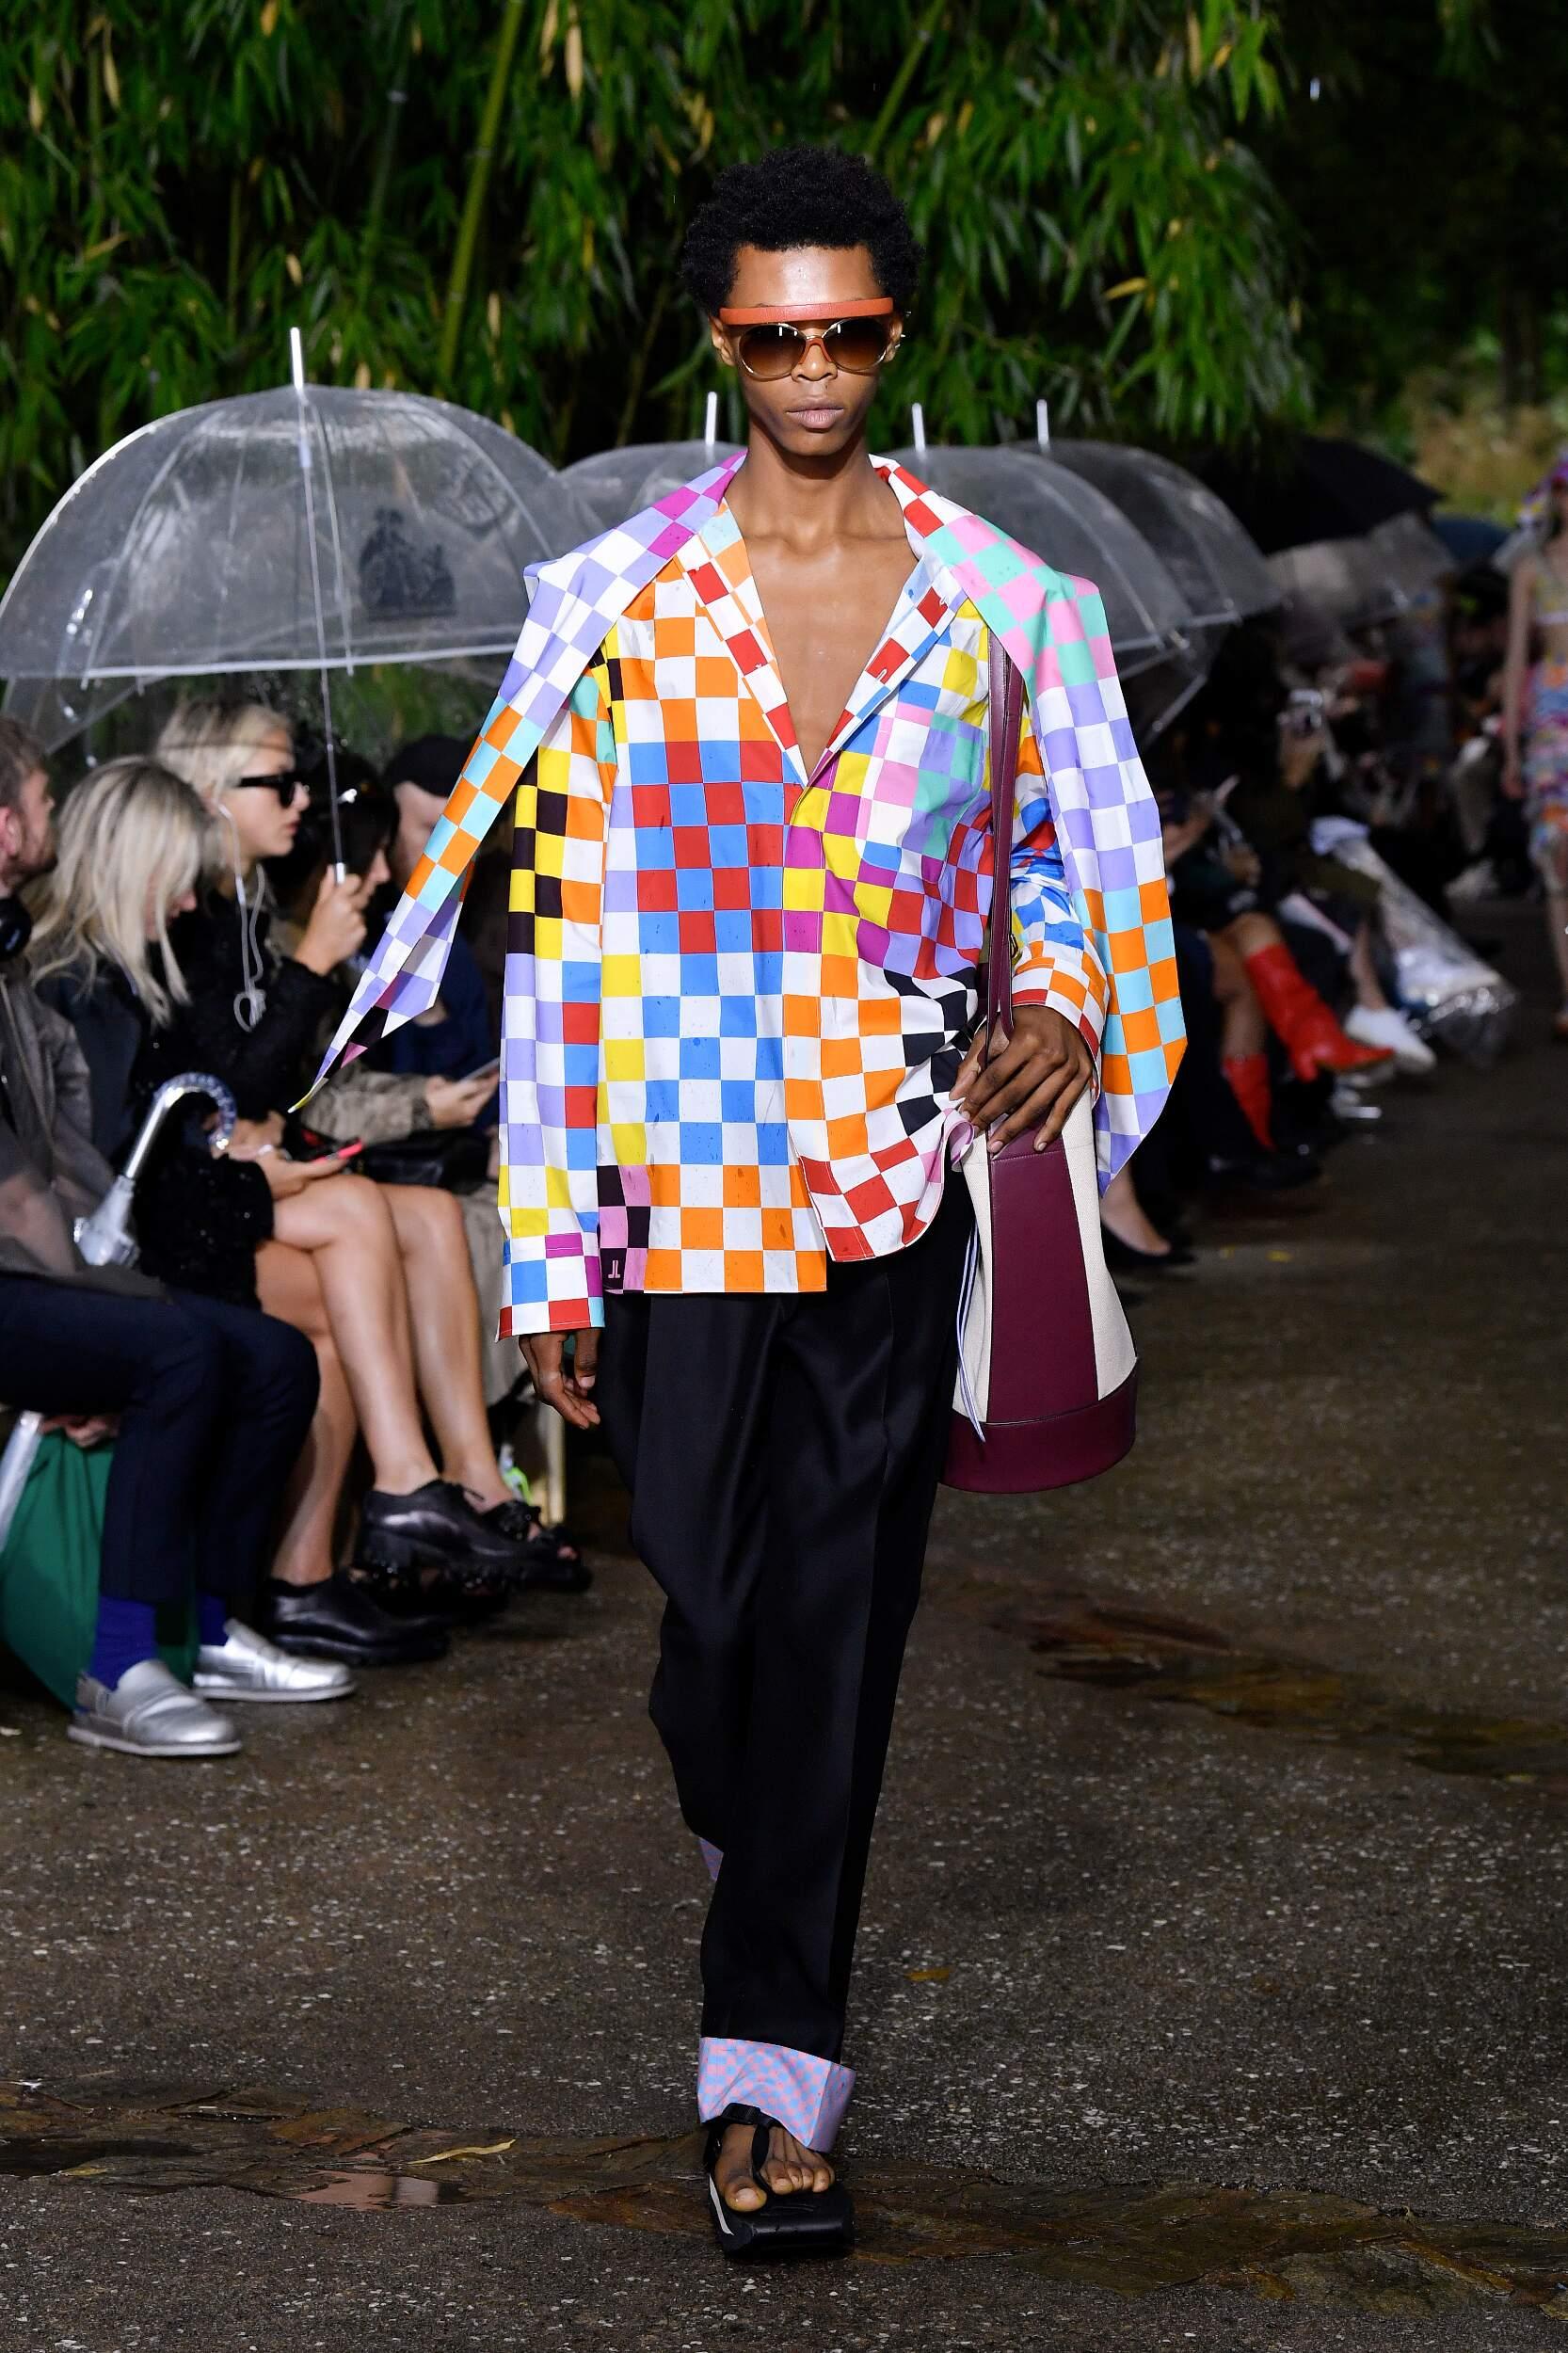 Man SS 2020 Lanvin Show Paris Fashion Week